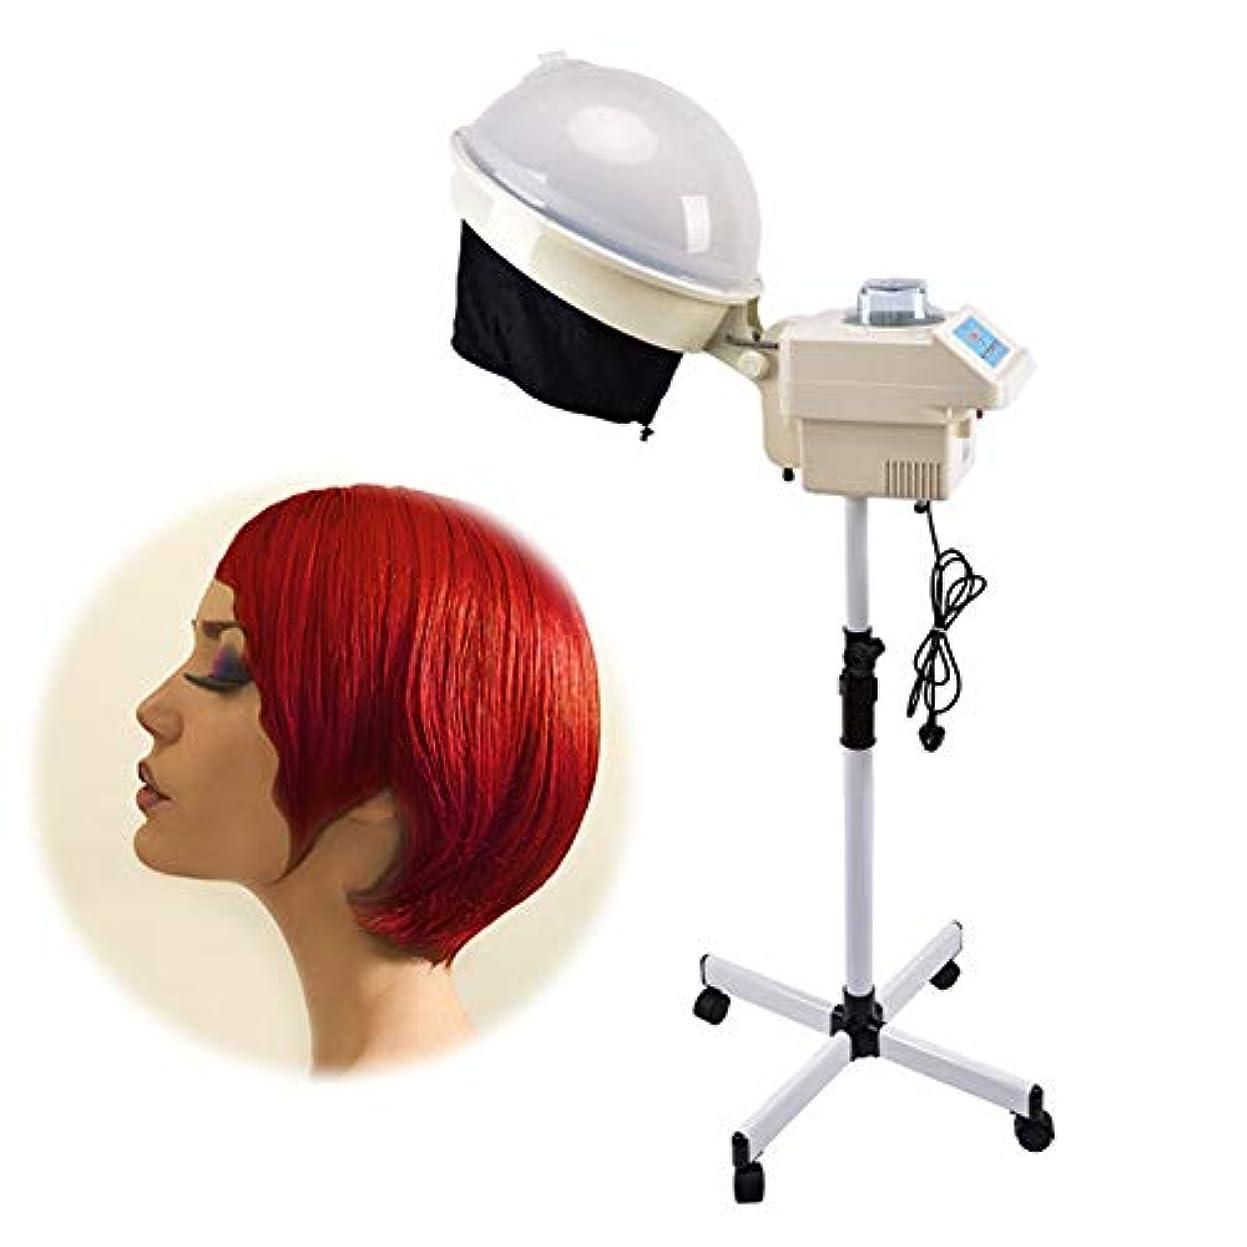 利益船尾ヒップサロンドライヤー、髪染め機、霧は7つのレベルで調整できます、カラープロセッサプロ美容美容ツールベルトホイール黒帽子ヘアドライヤー